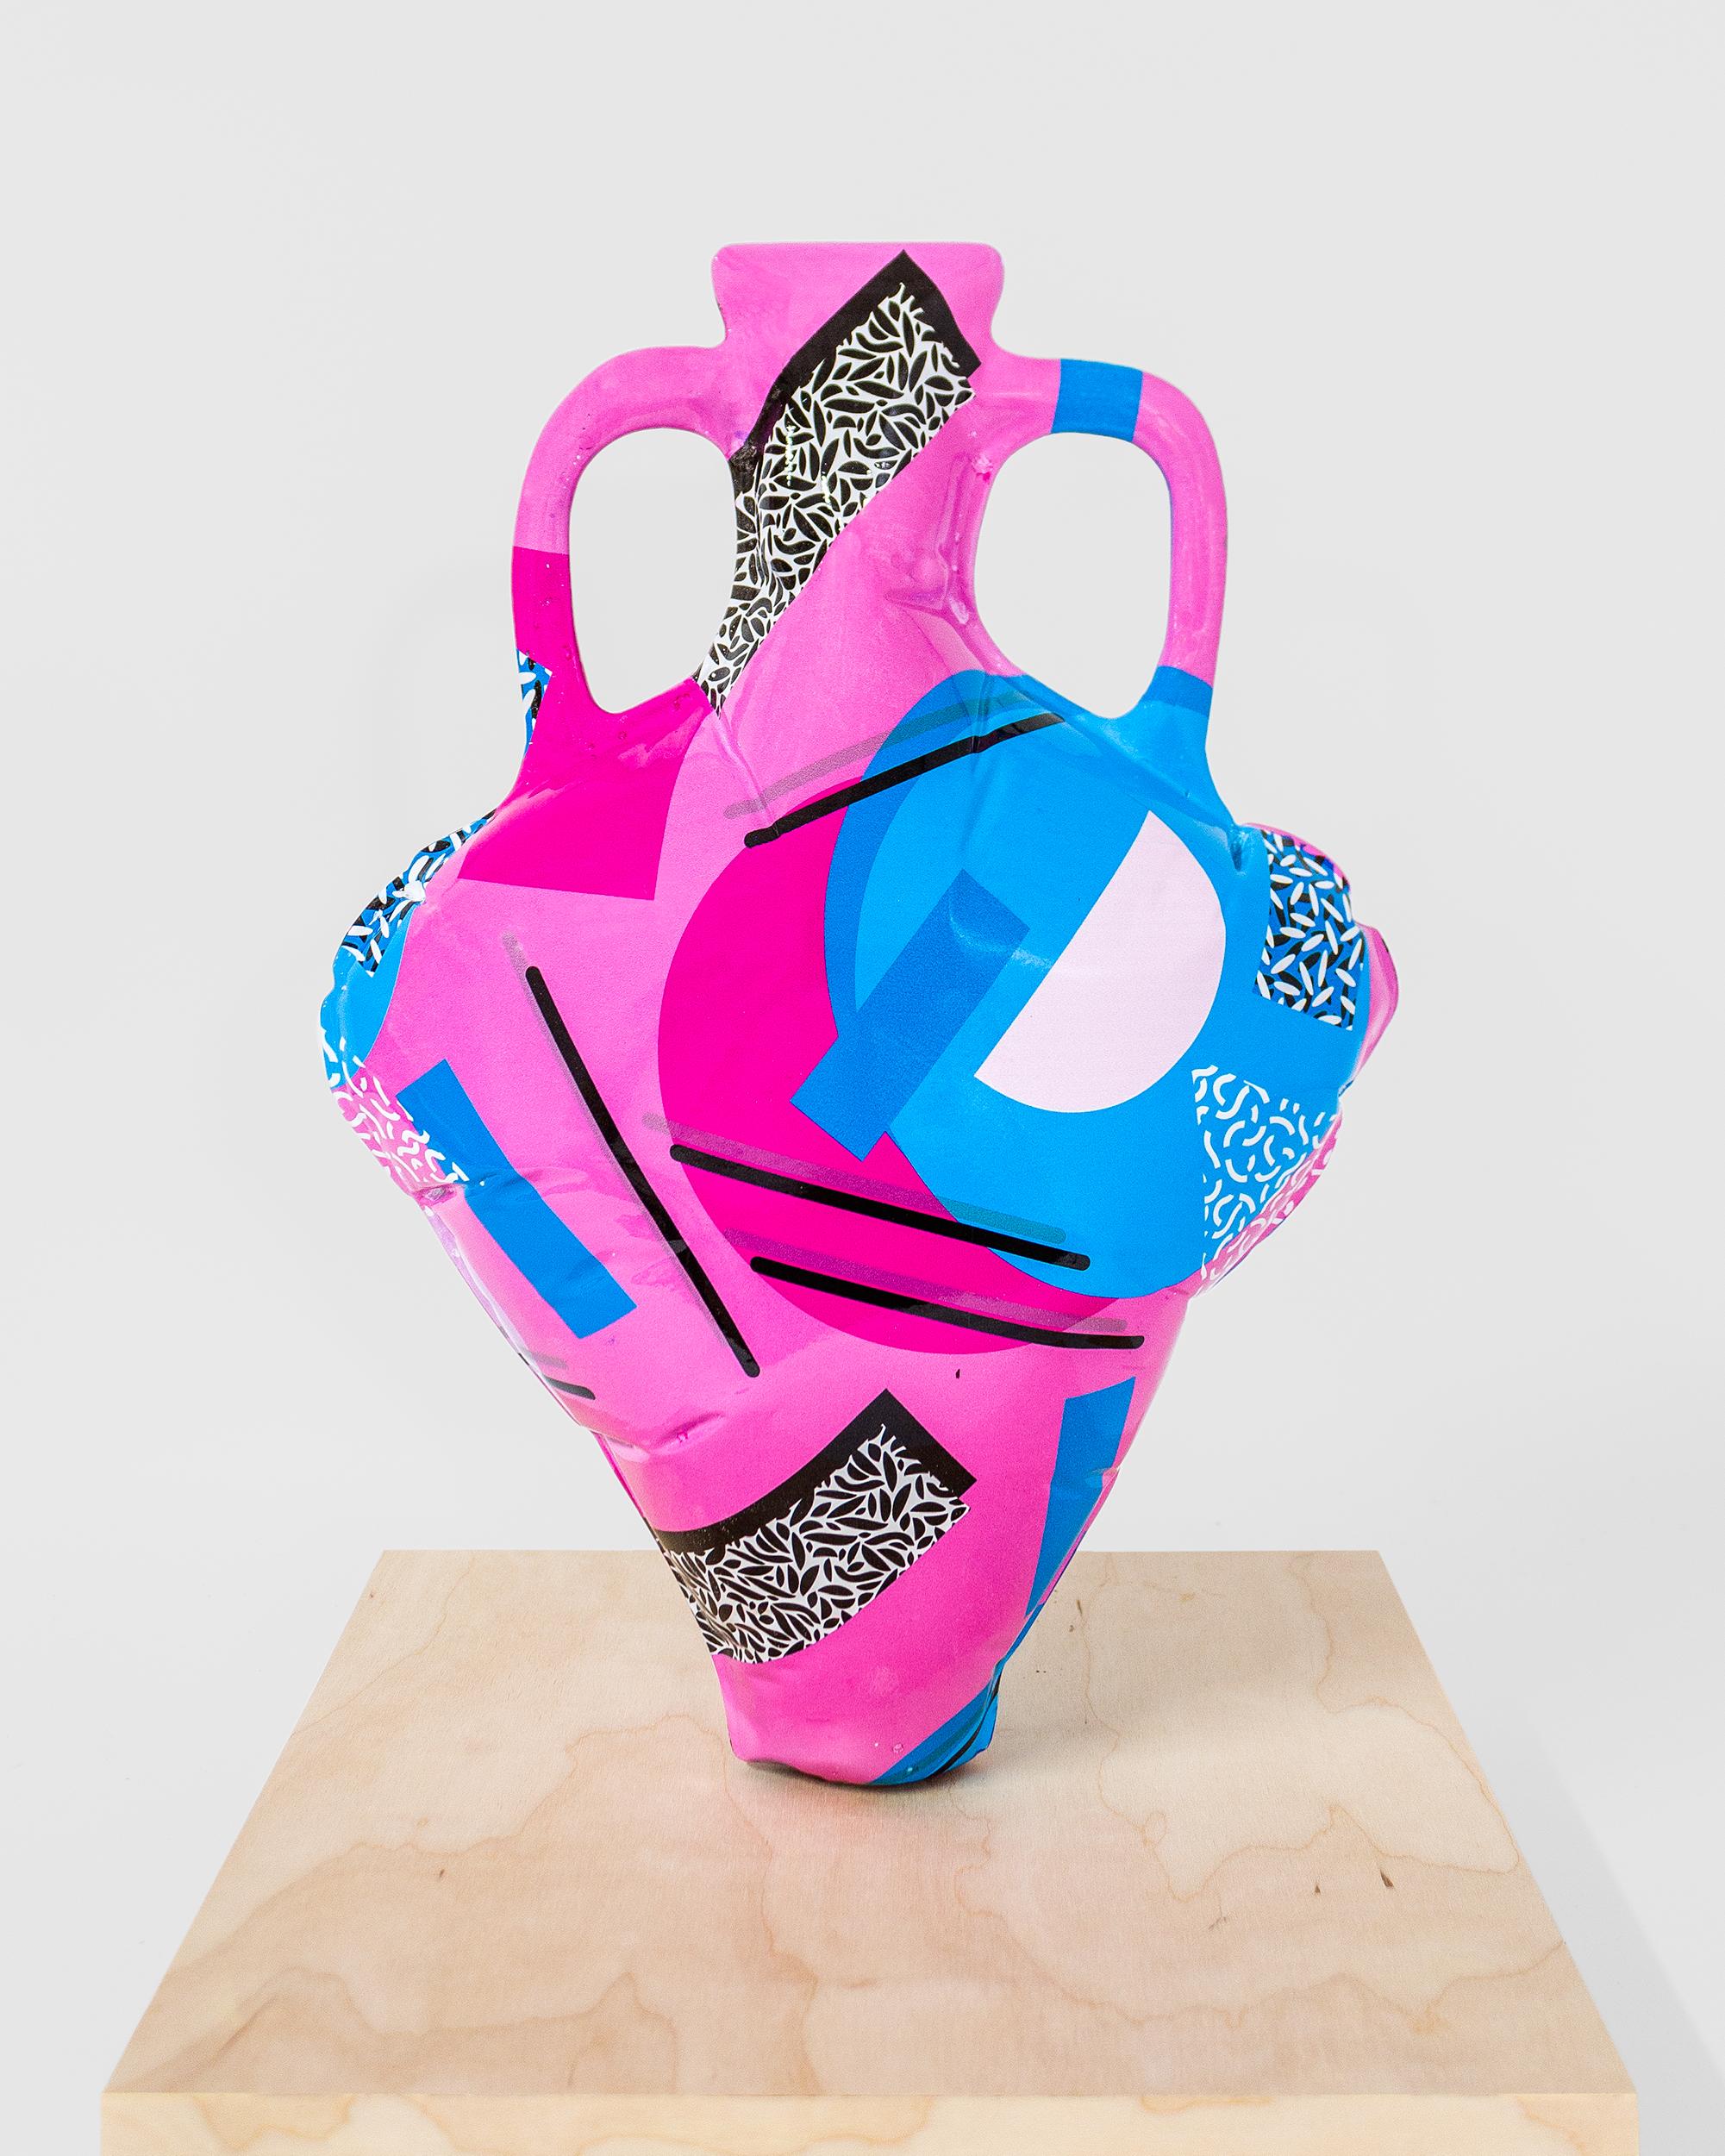 AdamParkerSmith_Sculpture7_Side1.jpg